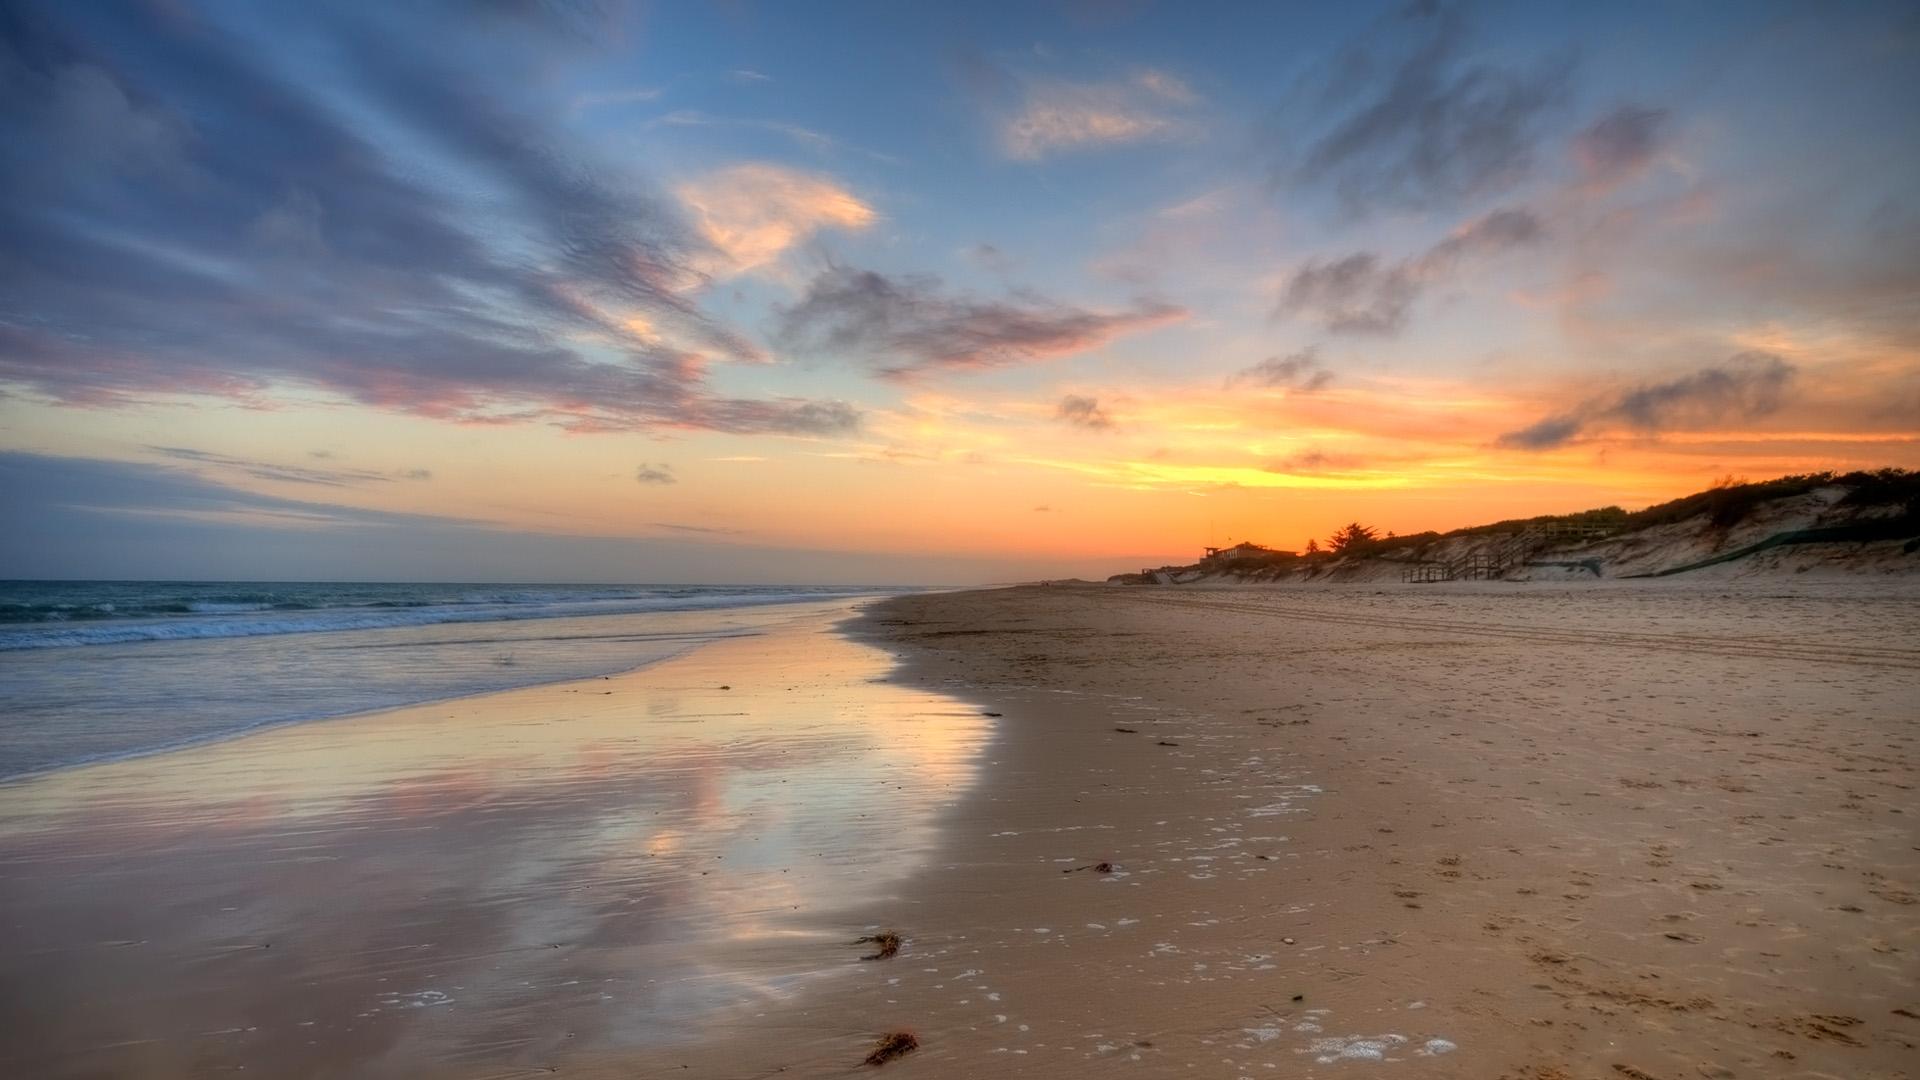 宽屏海滩海岸风景线18(1920x1080)壁纸 - 桌面壁纸